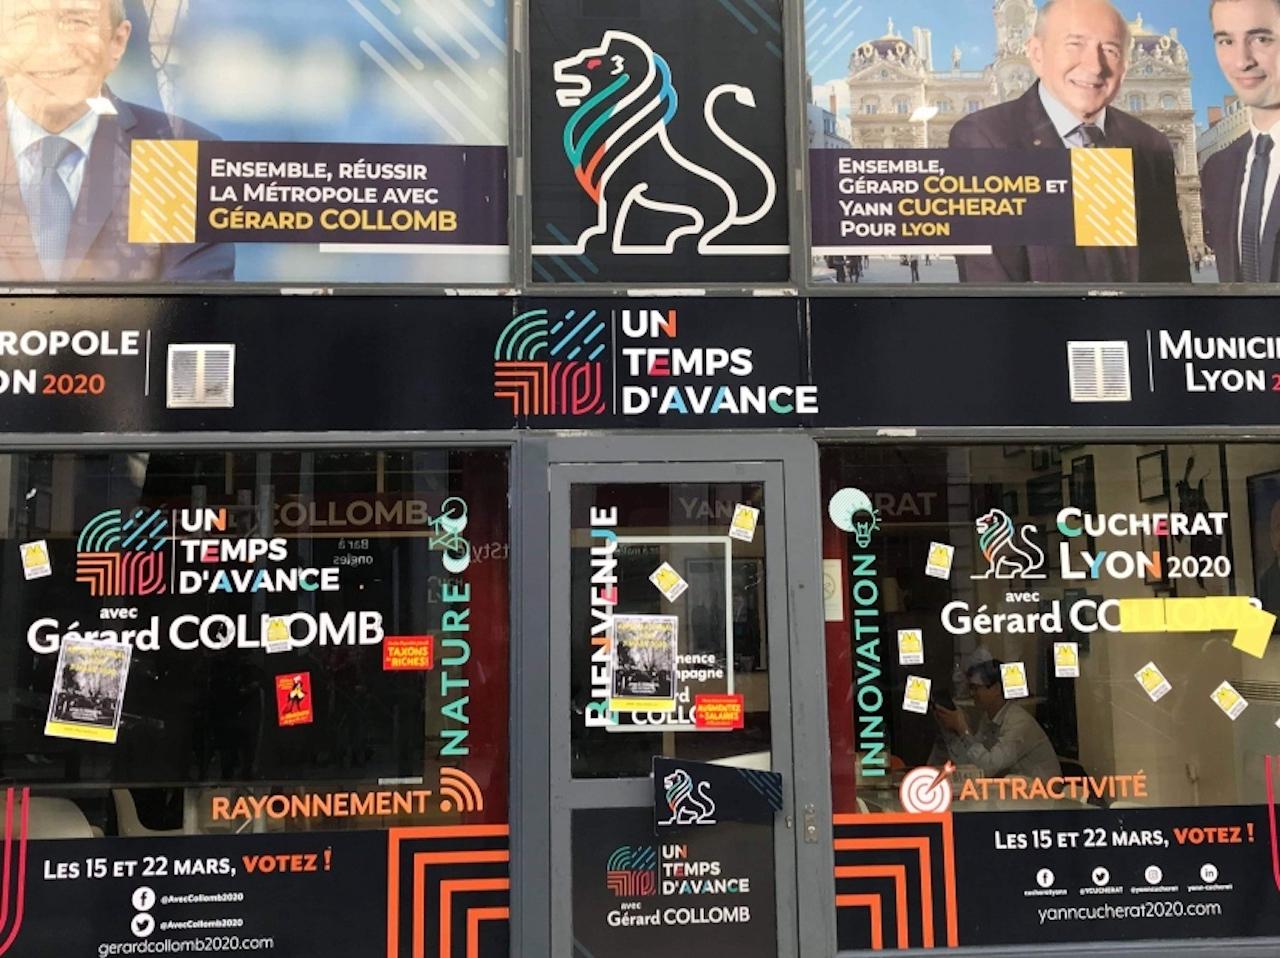 Municipales à Lyon : le local de campagne de Gérard Collomb ciblé par les gilets jaunes